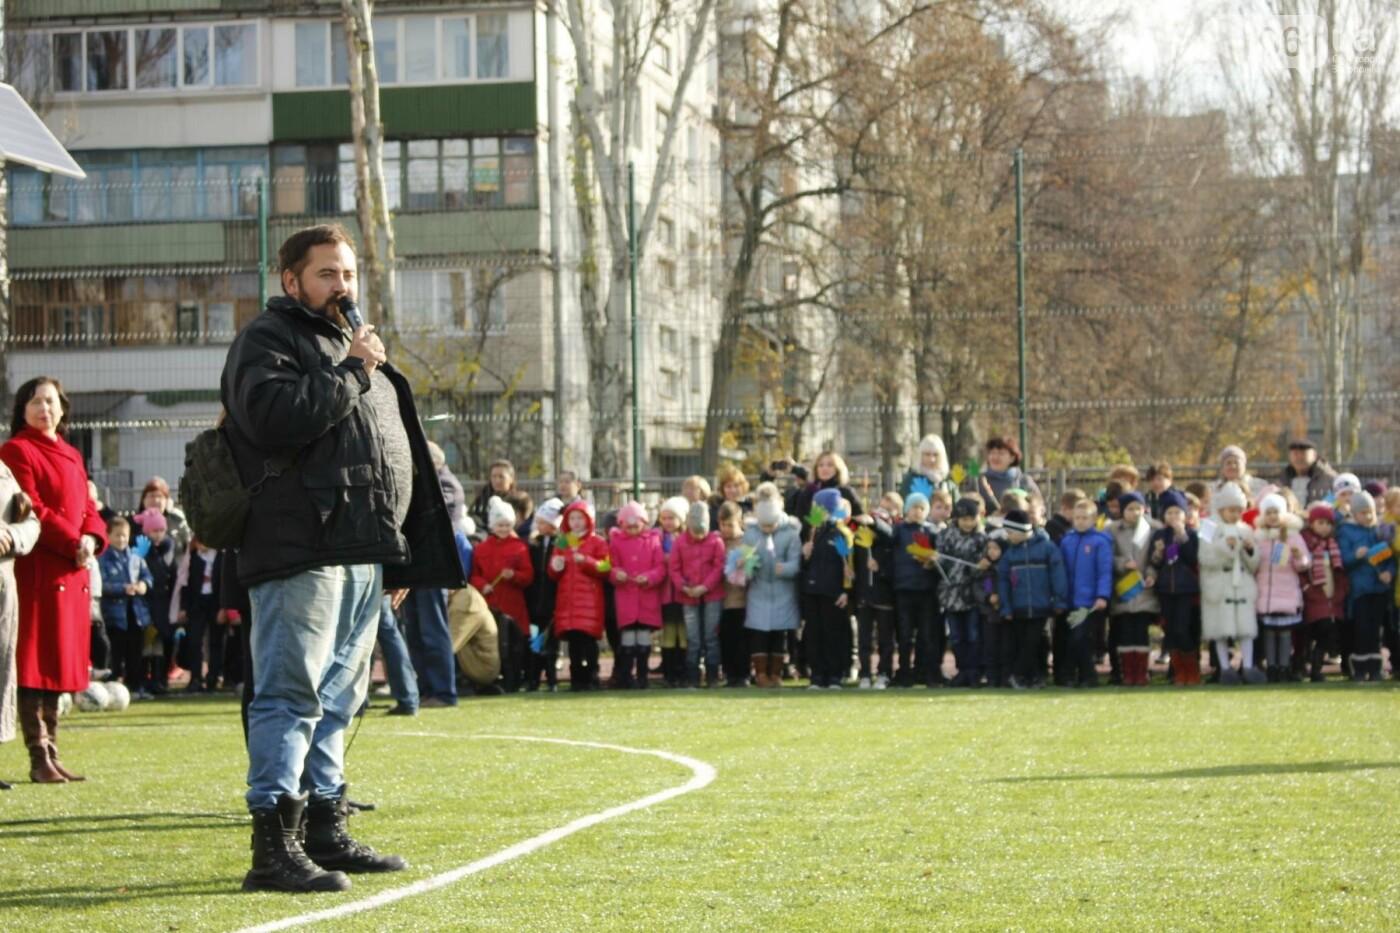 В Бородинском микрорайоне открыли школьный стадион: как это выглядит, - ФОТОРЕПОРТАЖ, фото-1